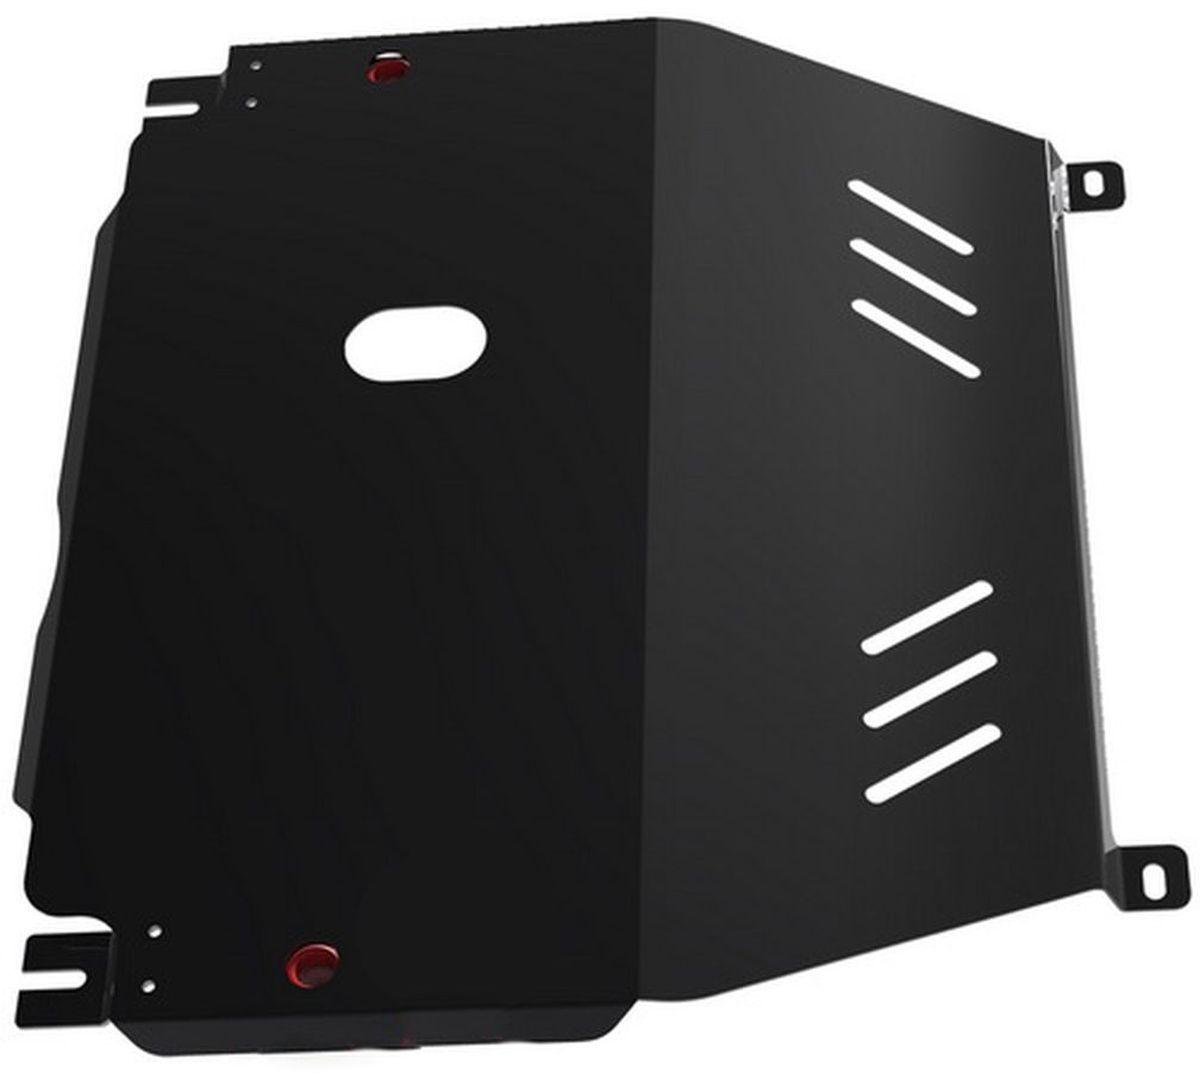 Защита картера и КПП Автоброня, для Chevrolet Aveo. 1.01015.11.01015.1Технологически совершенный продукт за невысокую стоимость. Защита разработана с учетом особенностей днища автомобиля, что позволяет сохранить дорожный просвет с минимальным изменением. Защита устанавливается в штатные места кузова автомобиля. Глубокий штамп обеспечивает до двух раз больше жесткости в сравнении с обычной защитой той же толщины. Проштампованные ребра жесткости препятствуют деформации защиты при ударах. Тепловой зазор и вентиляционные отверстия обеспечивают сохранение температурного режима двигателя в норме. Скрытый крепеж предотвращает срыв крепежных элементов при наезде на препятствие. Шумопоглощающие резиновые элементы обеспечивают комфортную езду без вибраций и скрежета металла, а съемные лючки для слива масла и замены фильтра - экономию средств и время. Конструкция изделия не влияет на пассивную безопасность автомобиля (при ударе защита не воздействует на деформационные зоны кузова). Со штатным крепежом. В комплекте инструкция по...